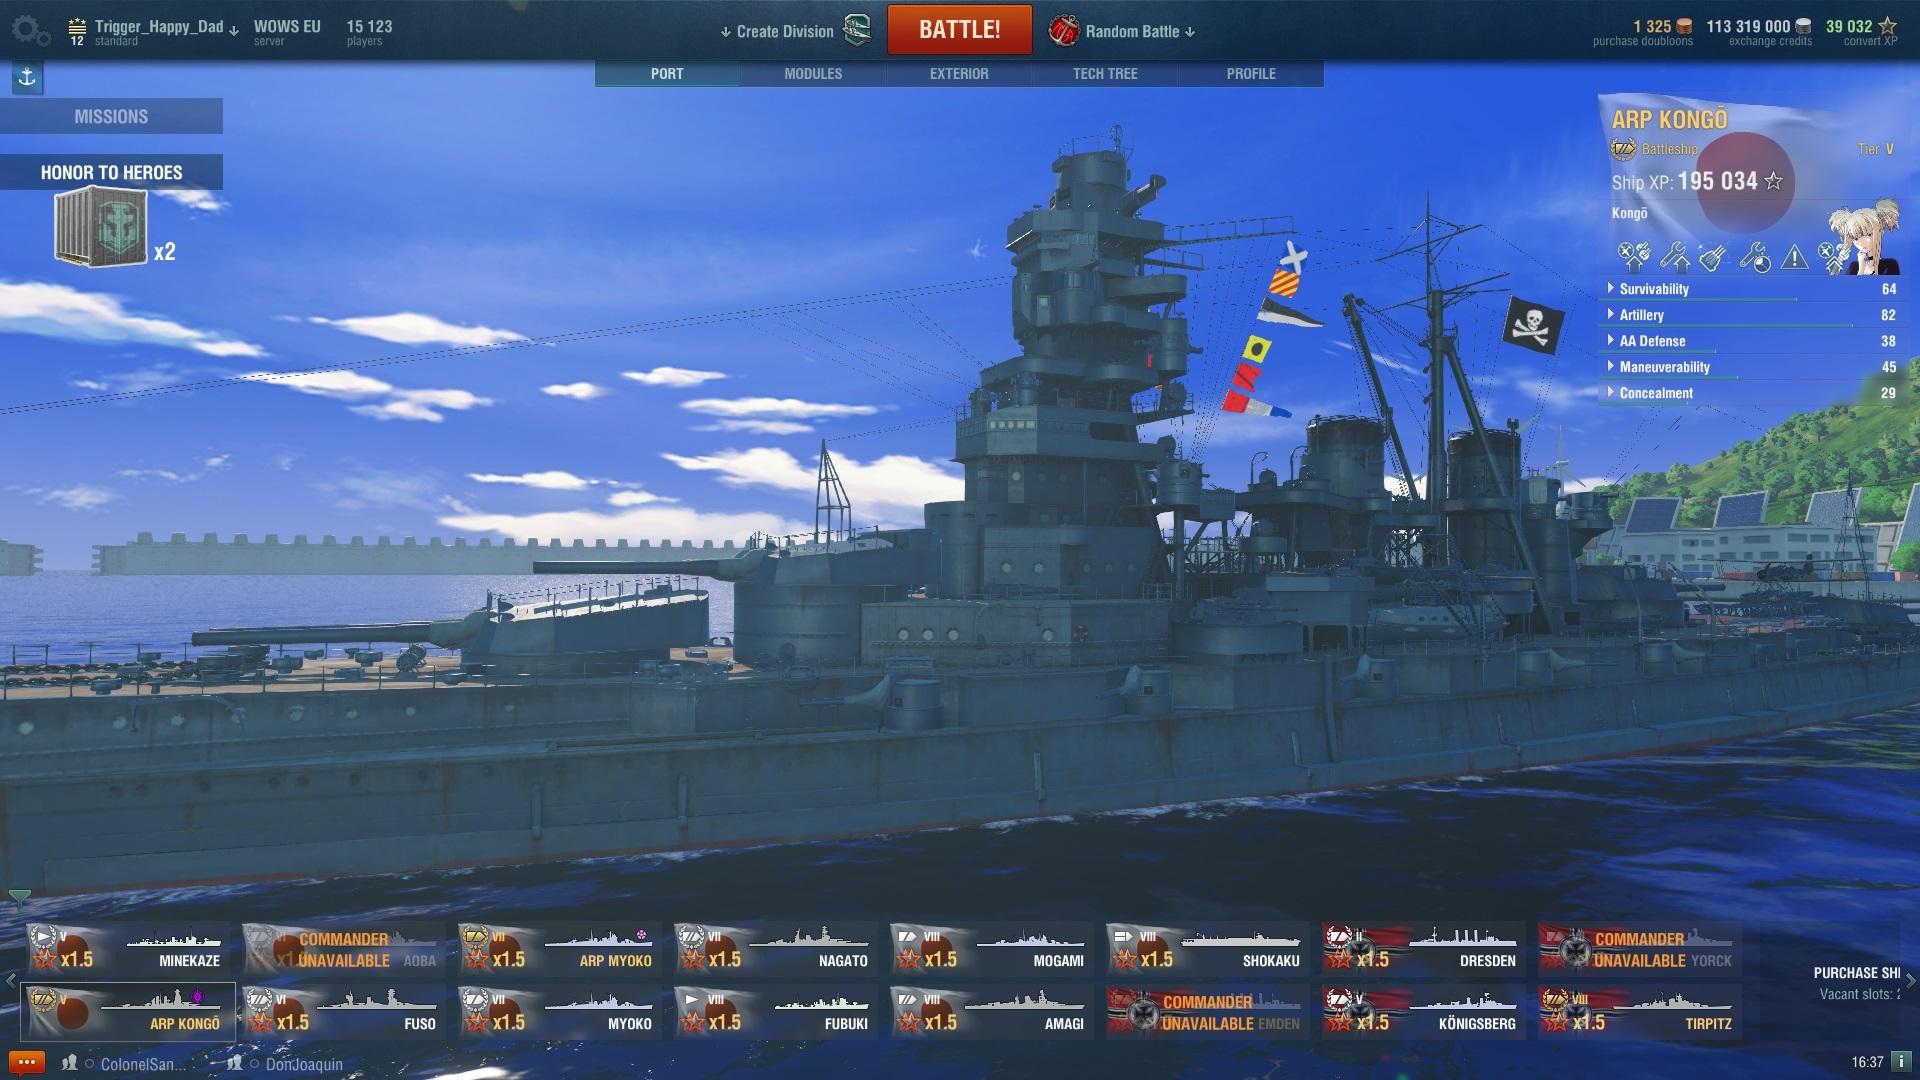 world of tanks blitz mod apk revdl